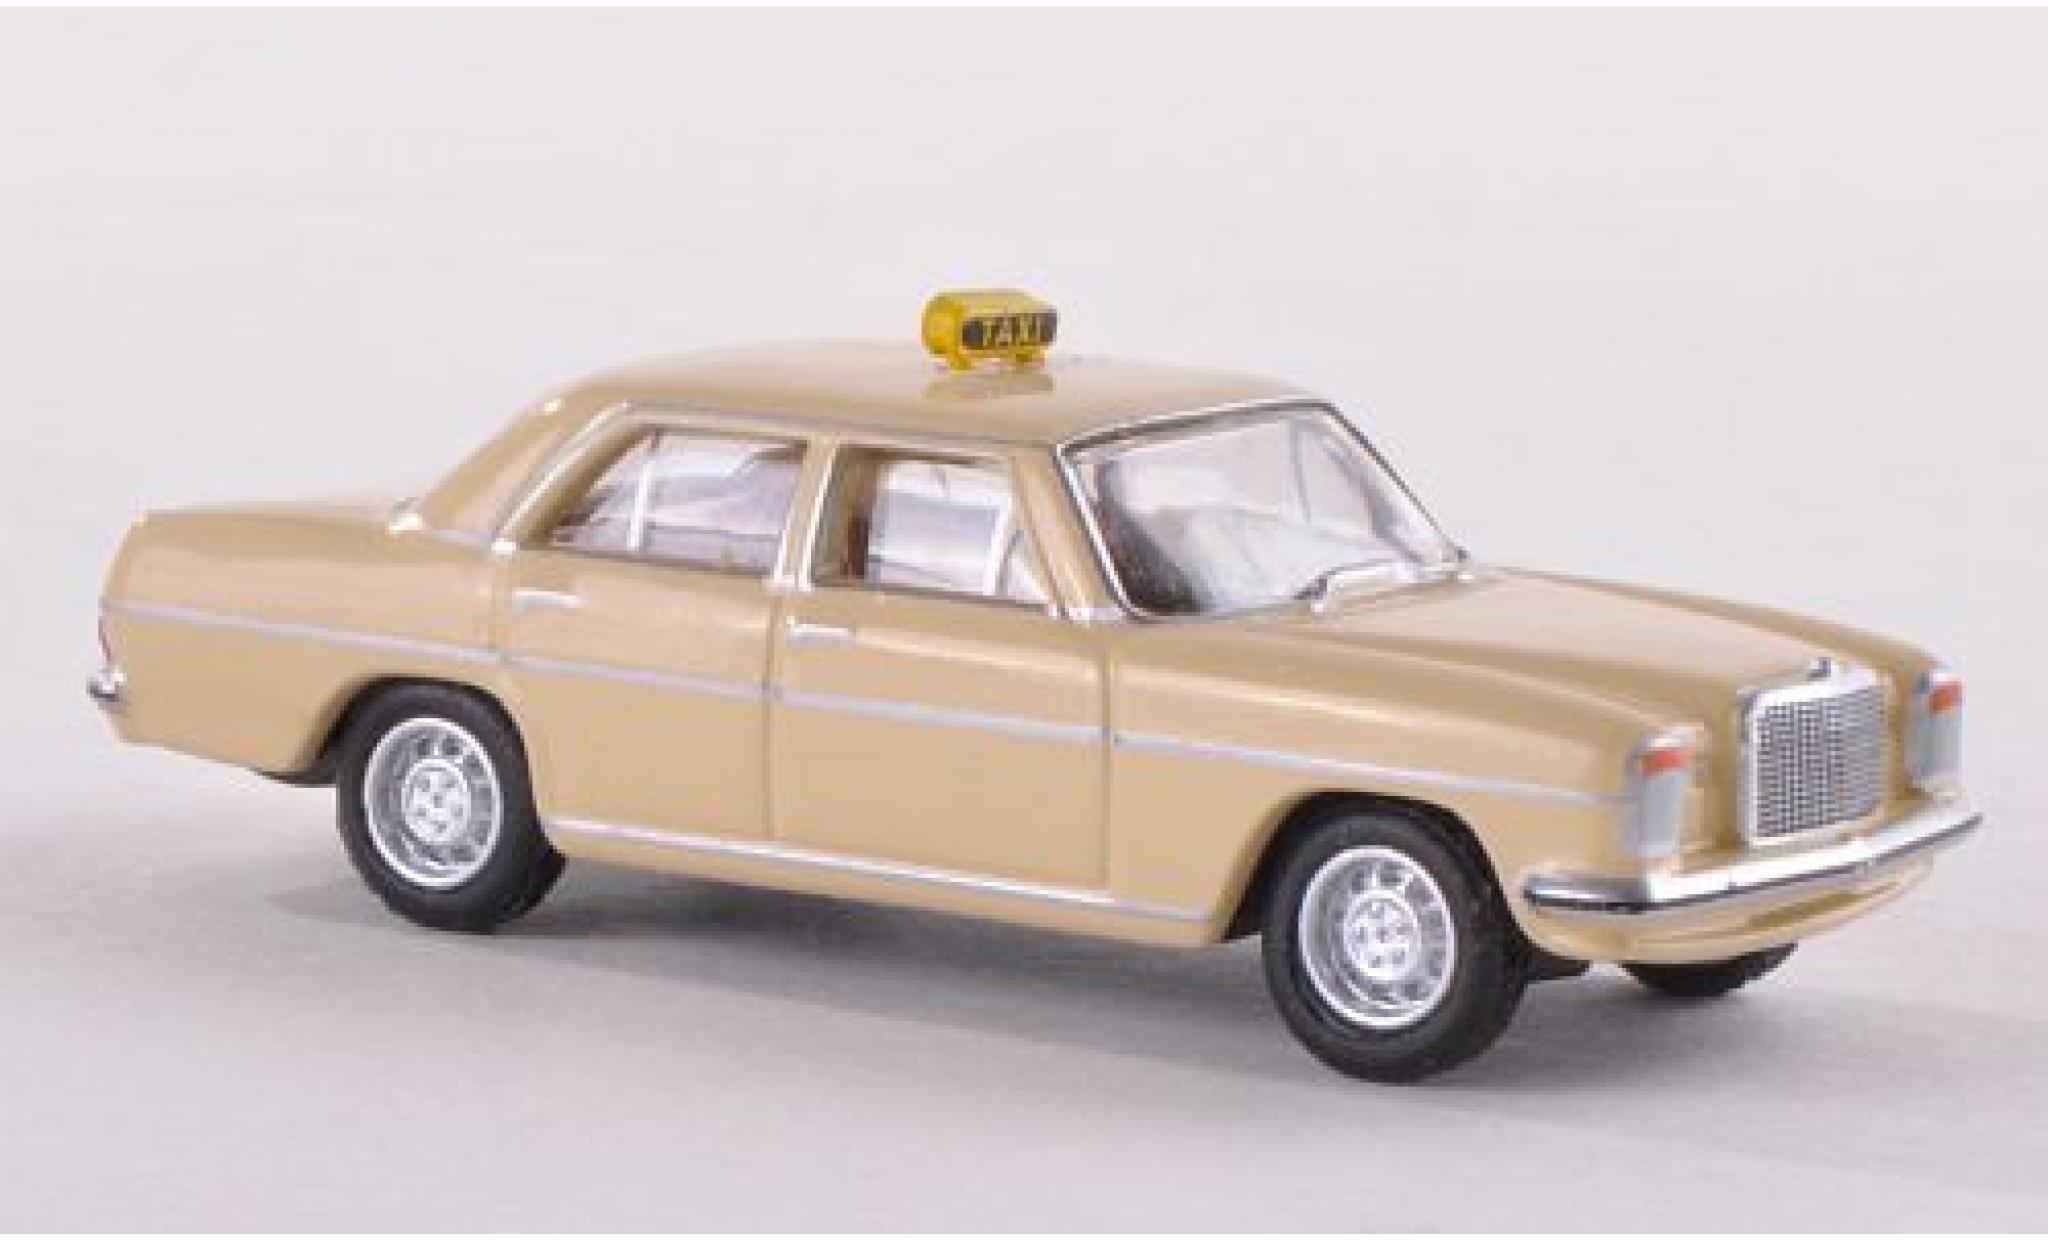 Mercedes /8 1/87 Bub Taxi